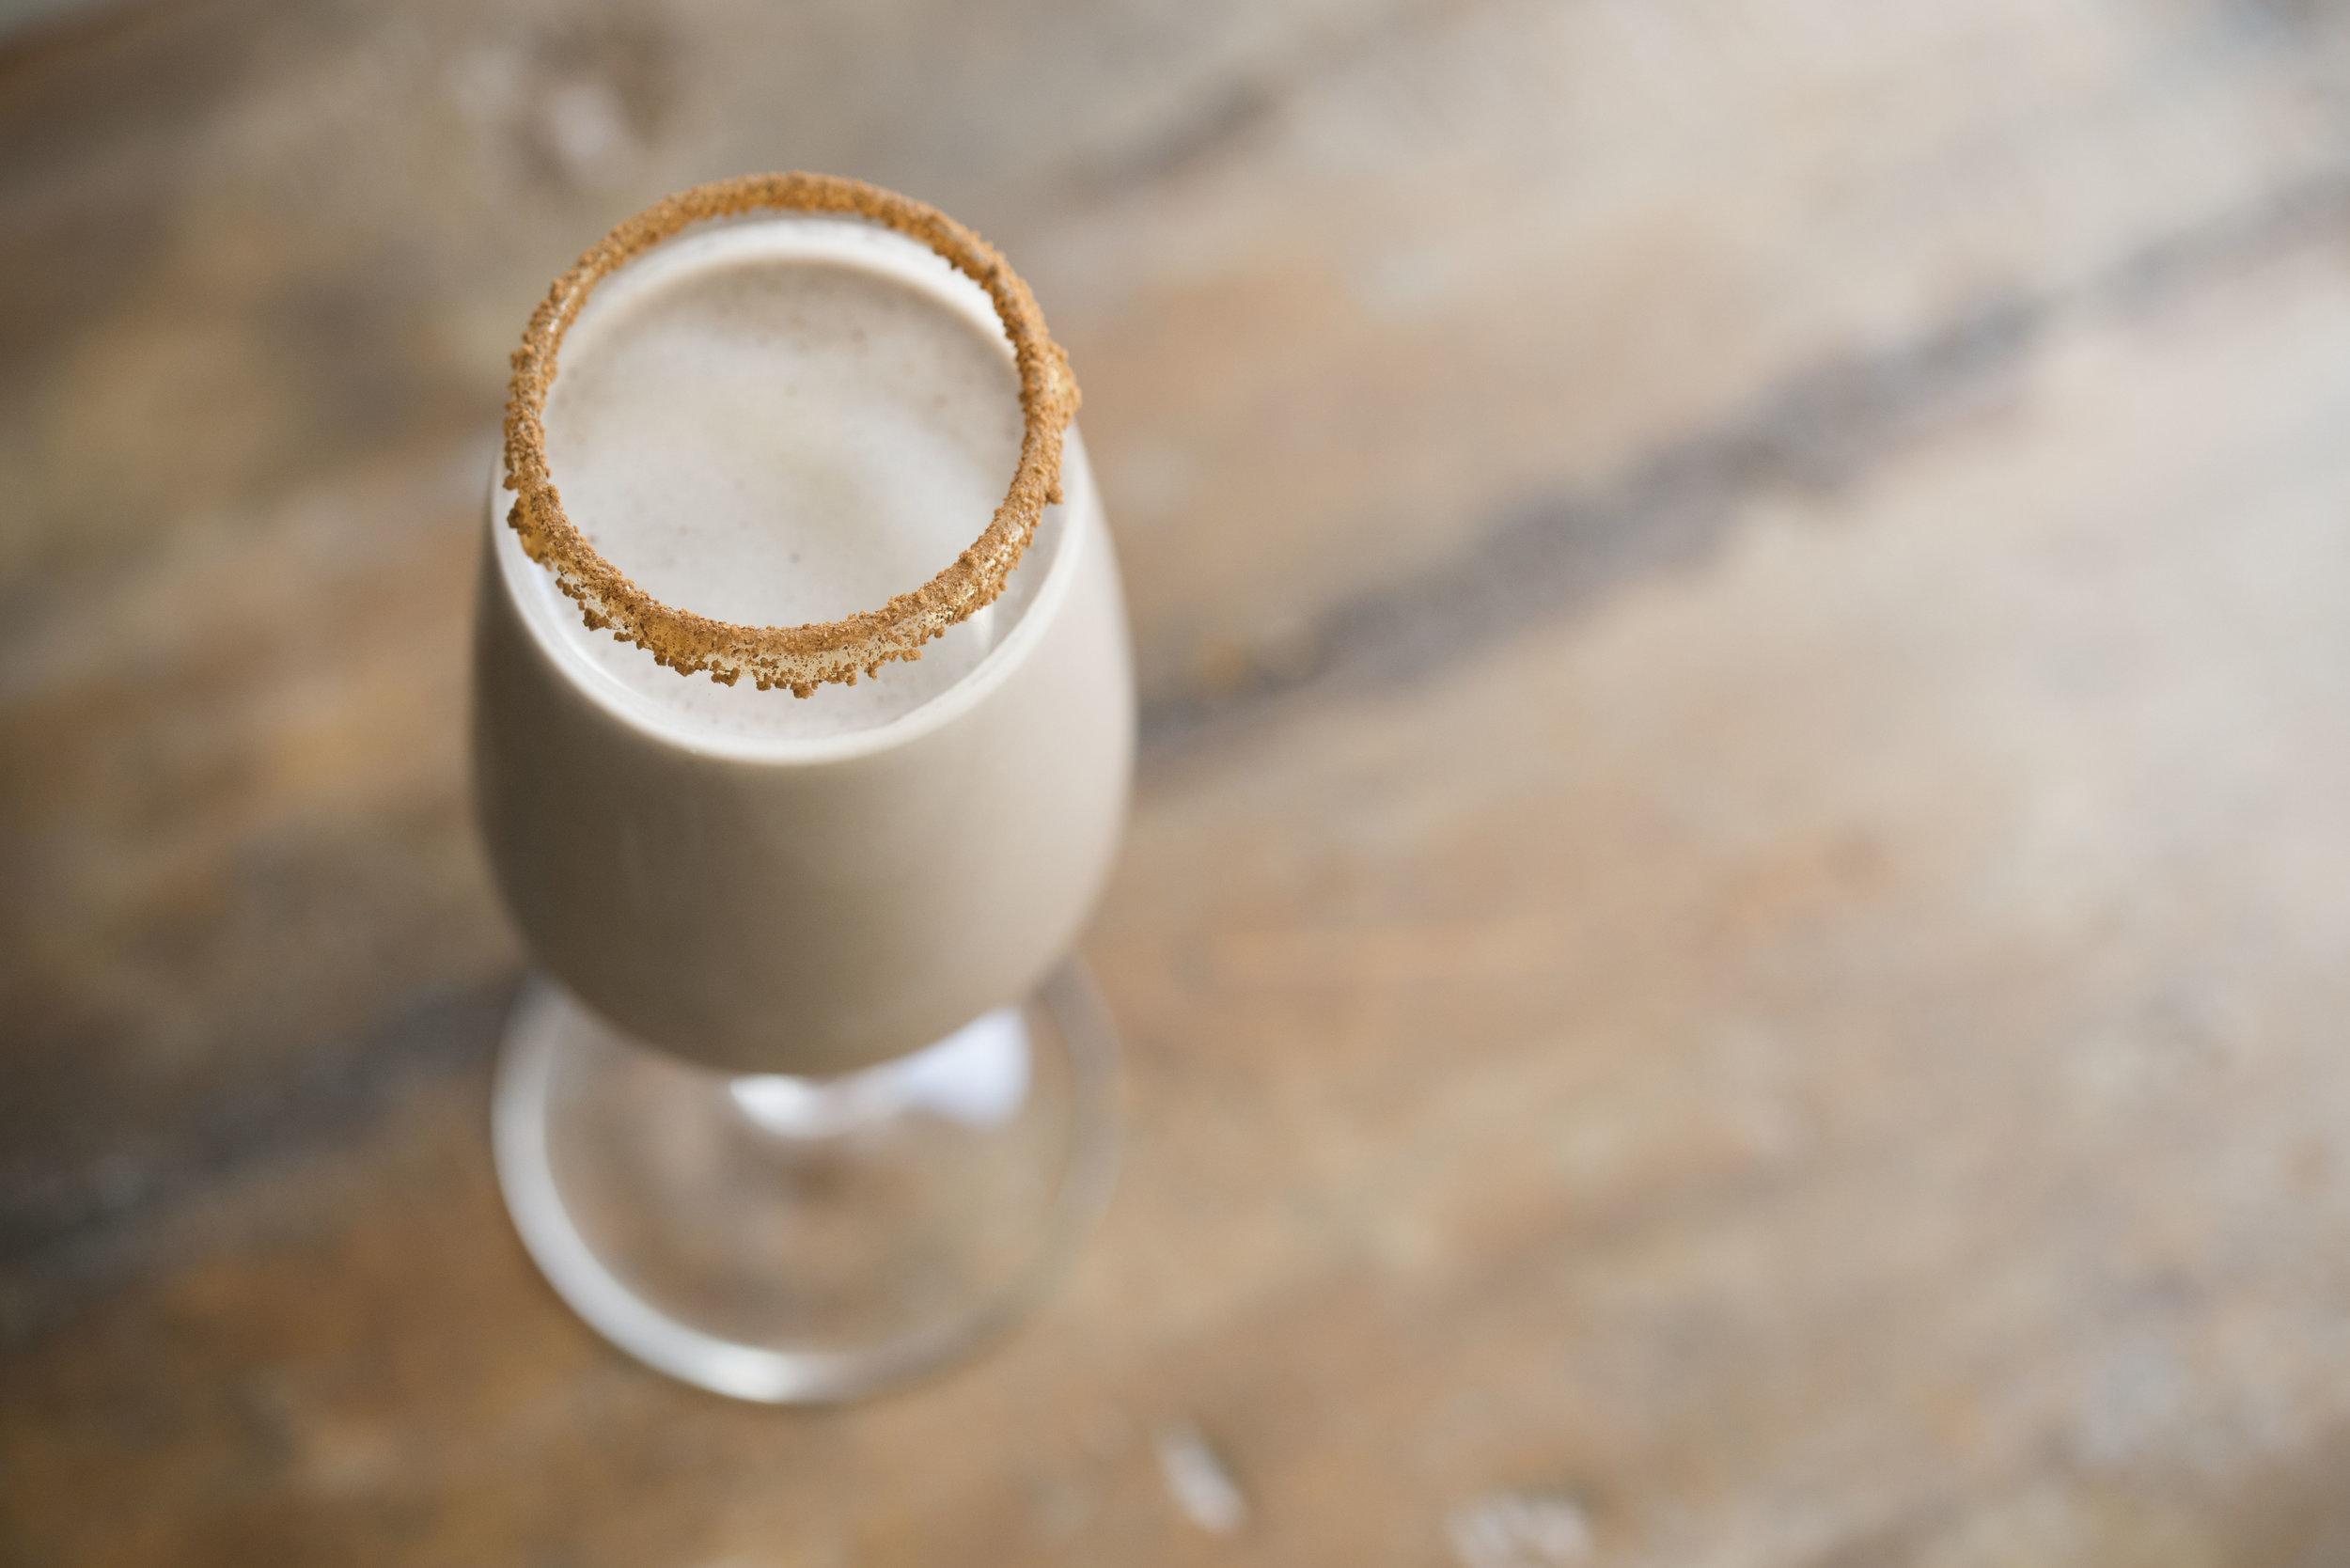 mixed-and-measured-raw-chocolate-cashew-milk-5.jpg